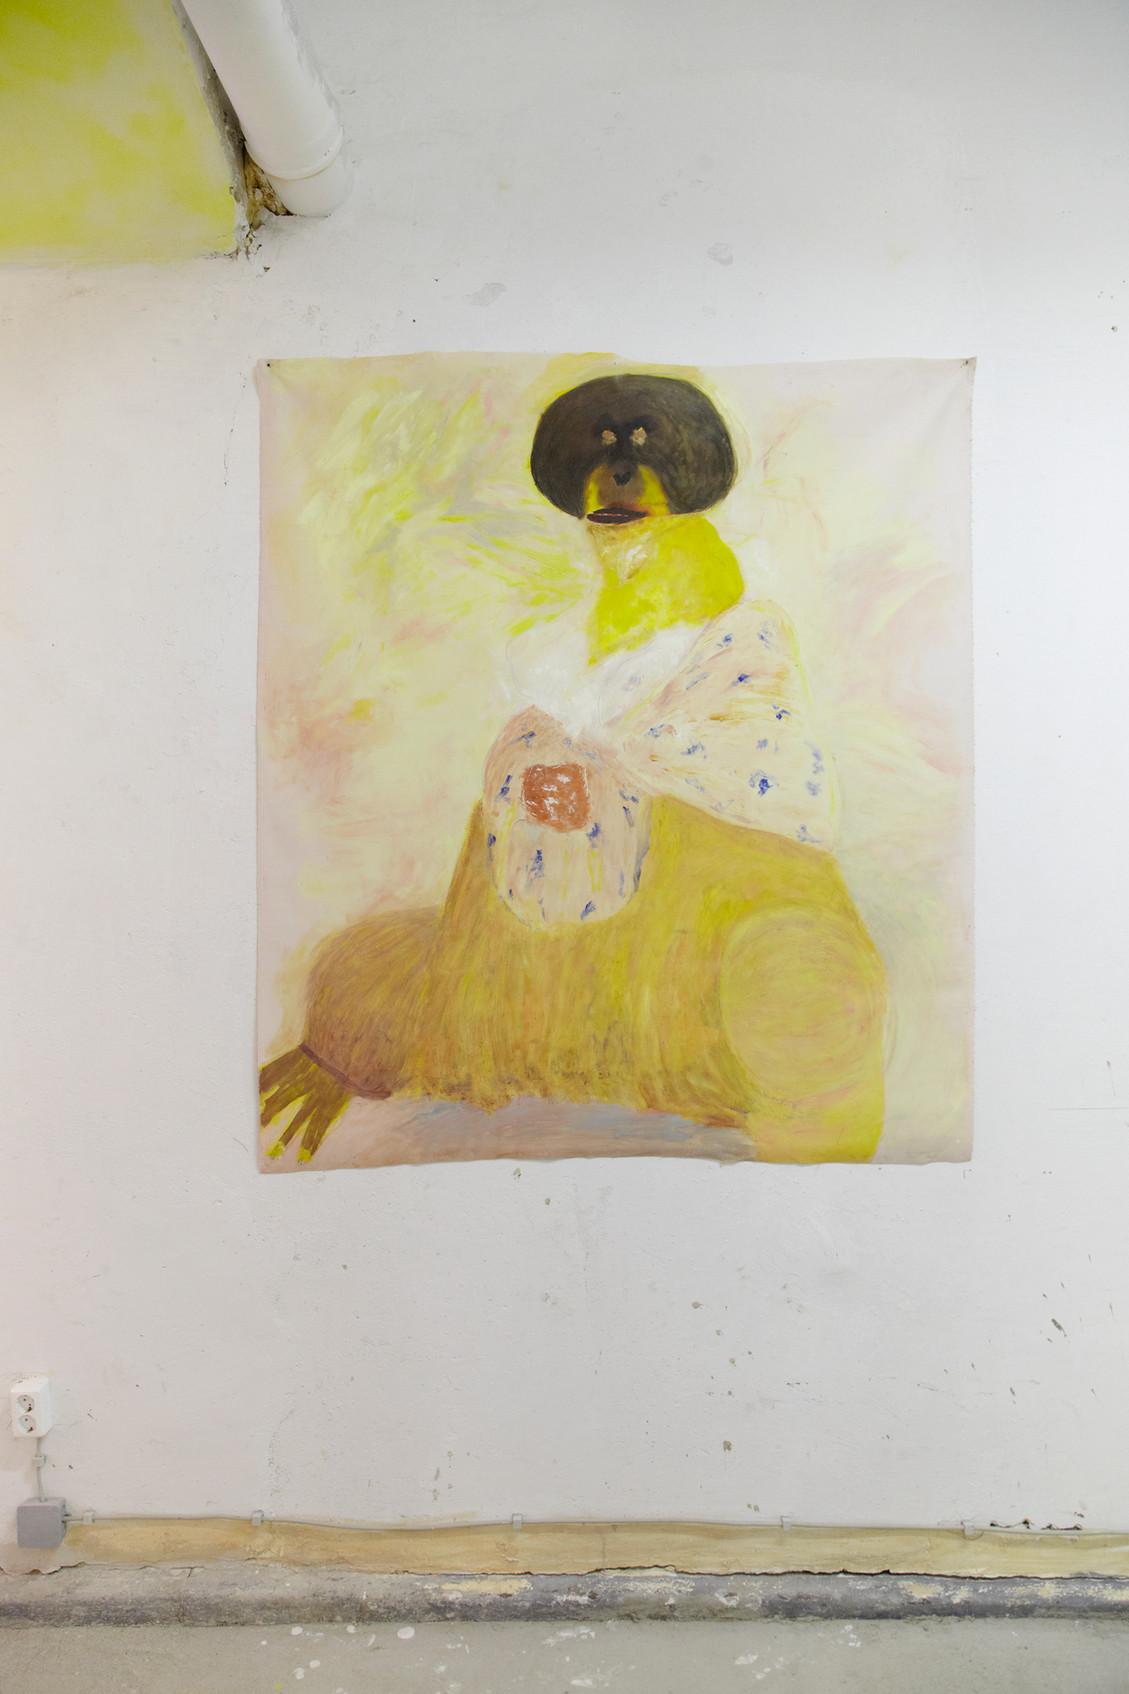 Matriarche, 134 x 154 cm, oil on canvas, 2018